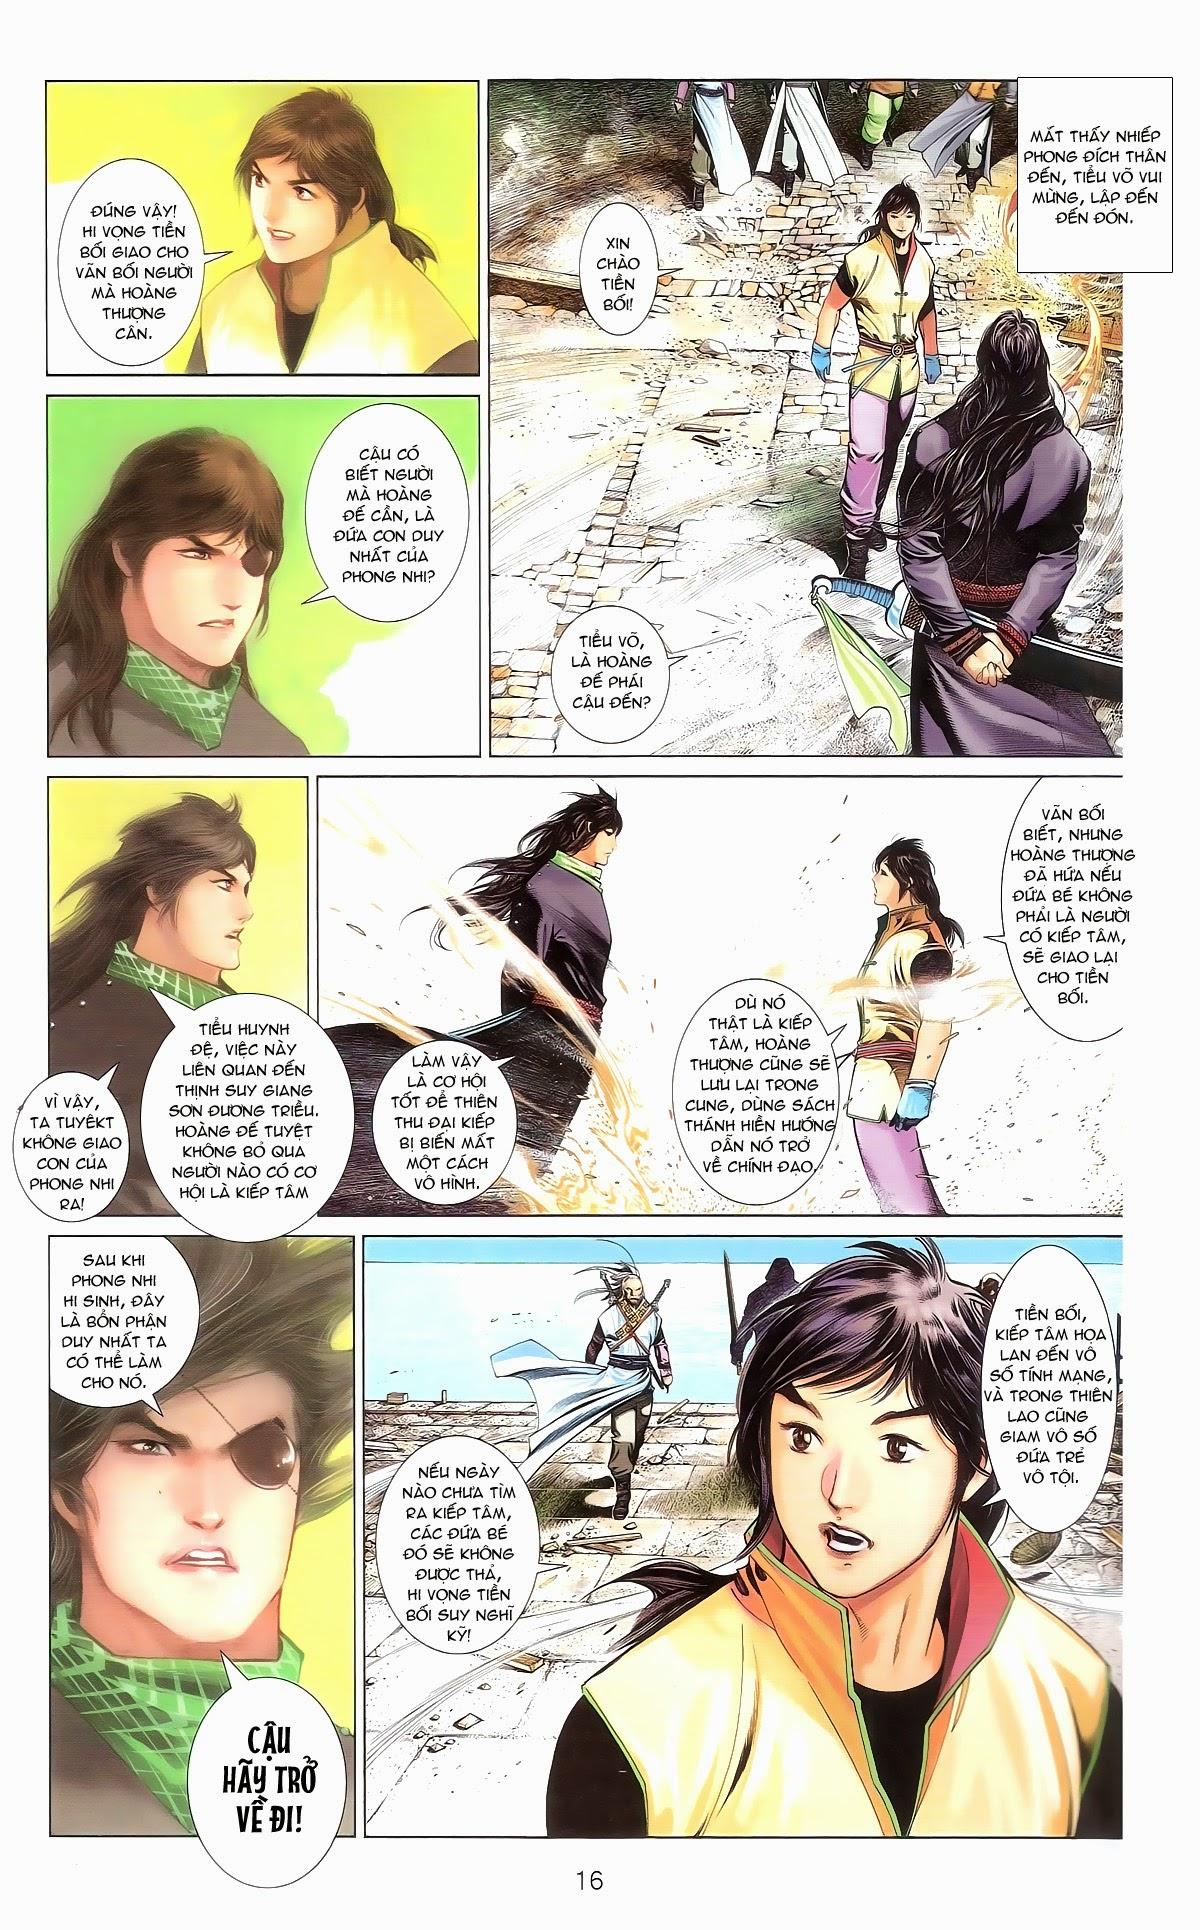 Phong Vân chap 674 – End Trang 18 - Mangak.info